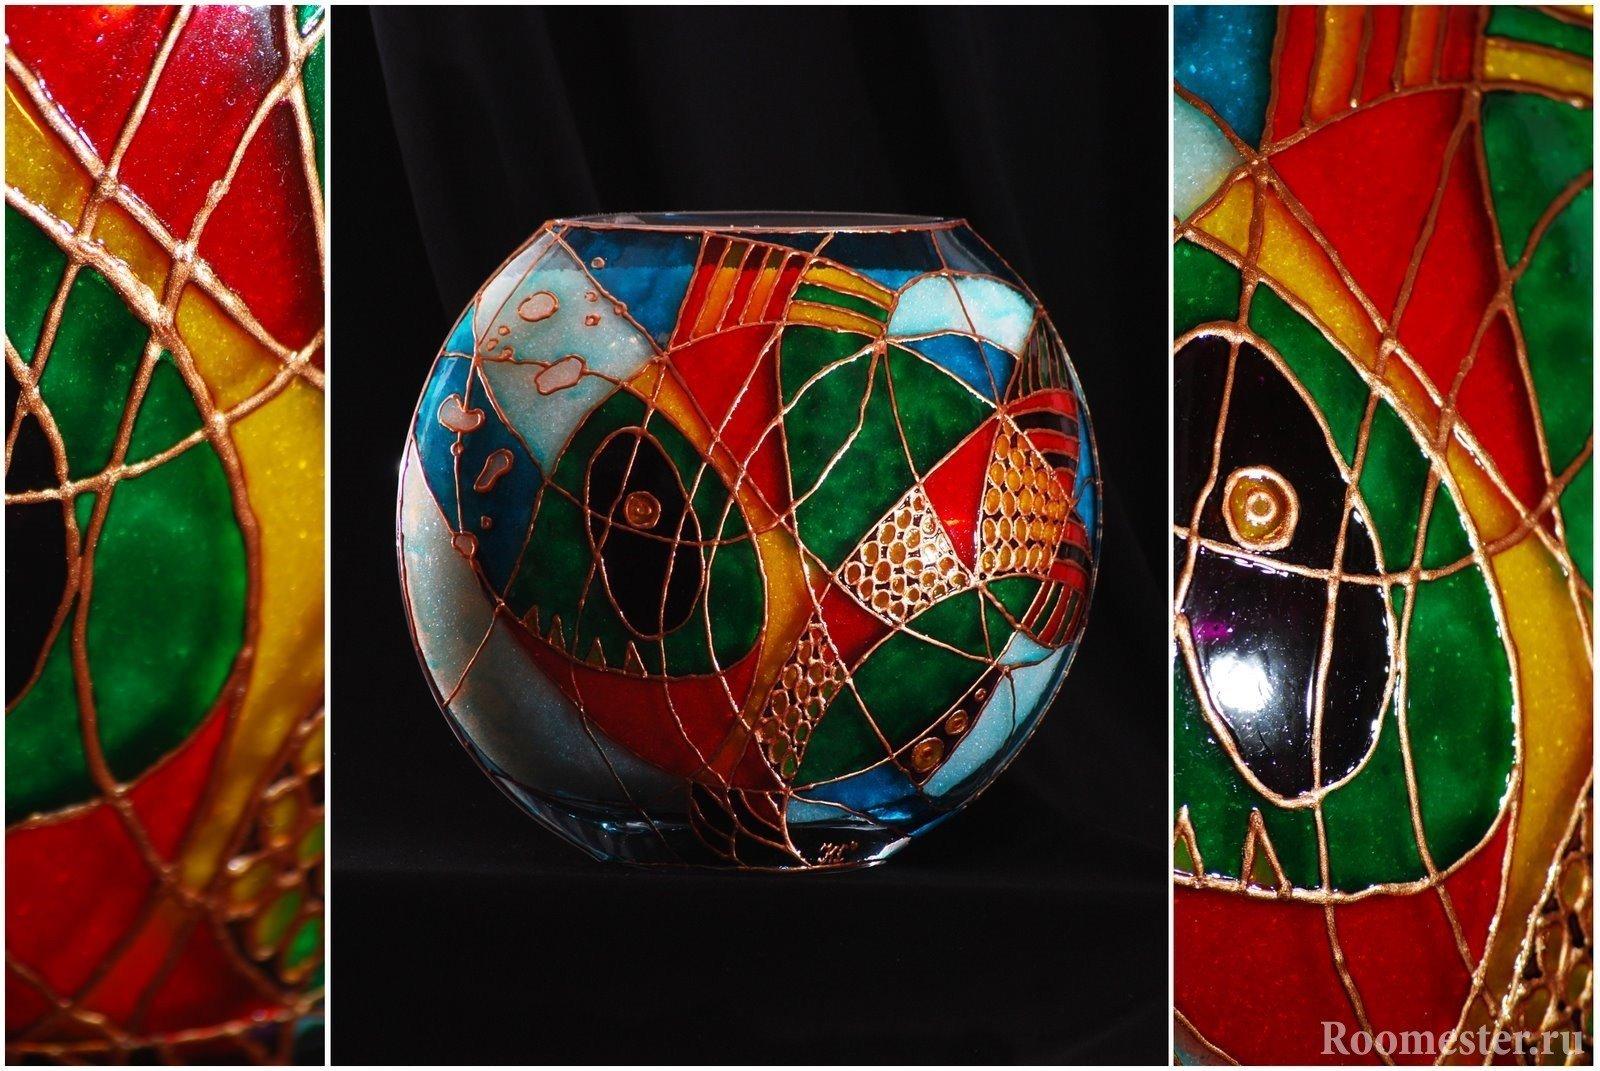 dekor-vazy-svoimi-rukami-17 Как сделать вазу из банки своими руками: 6 способов и 50 фото